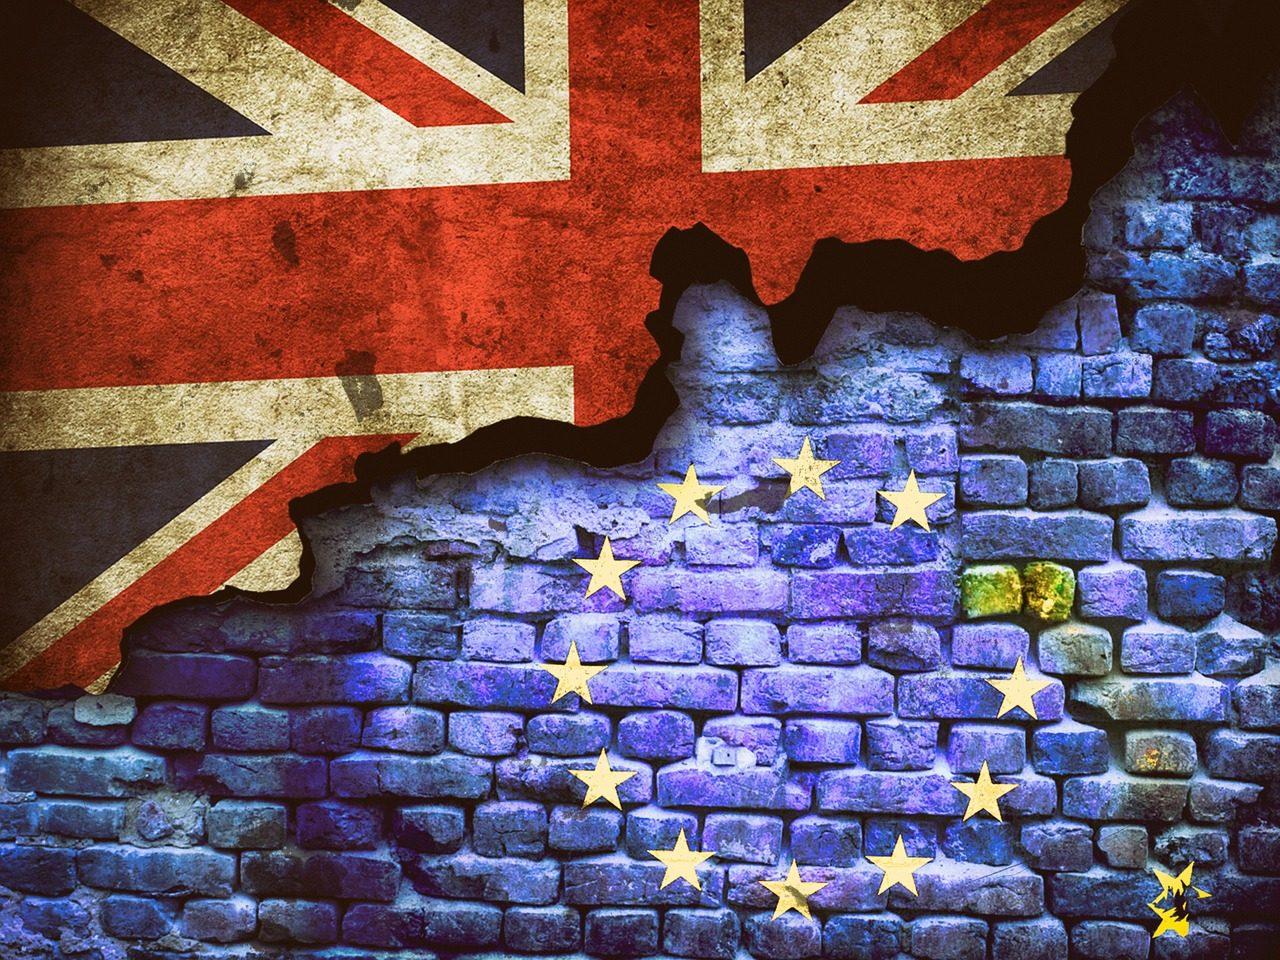 brexit-1491370_1280-1280x960.jpg